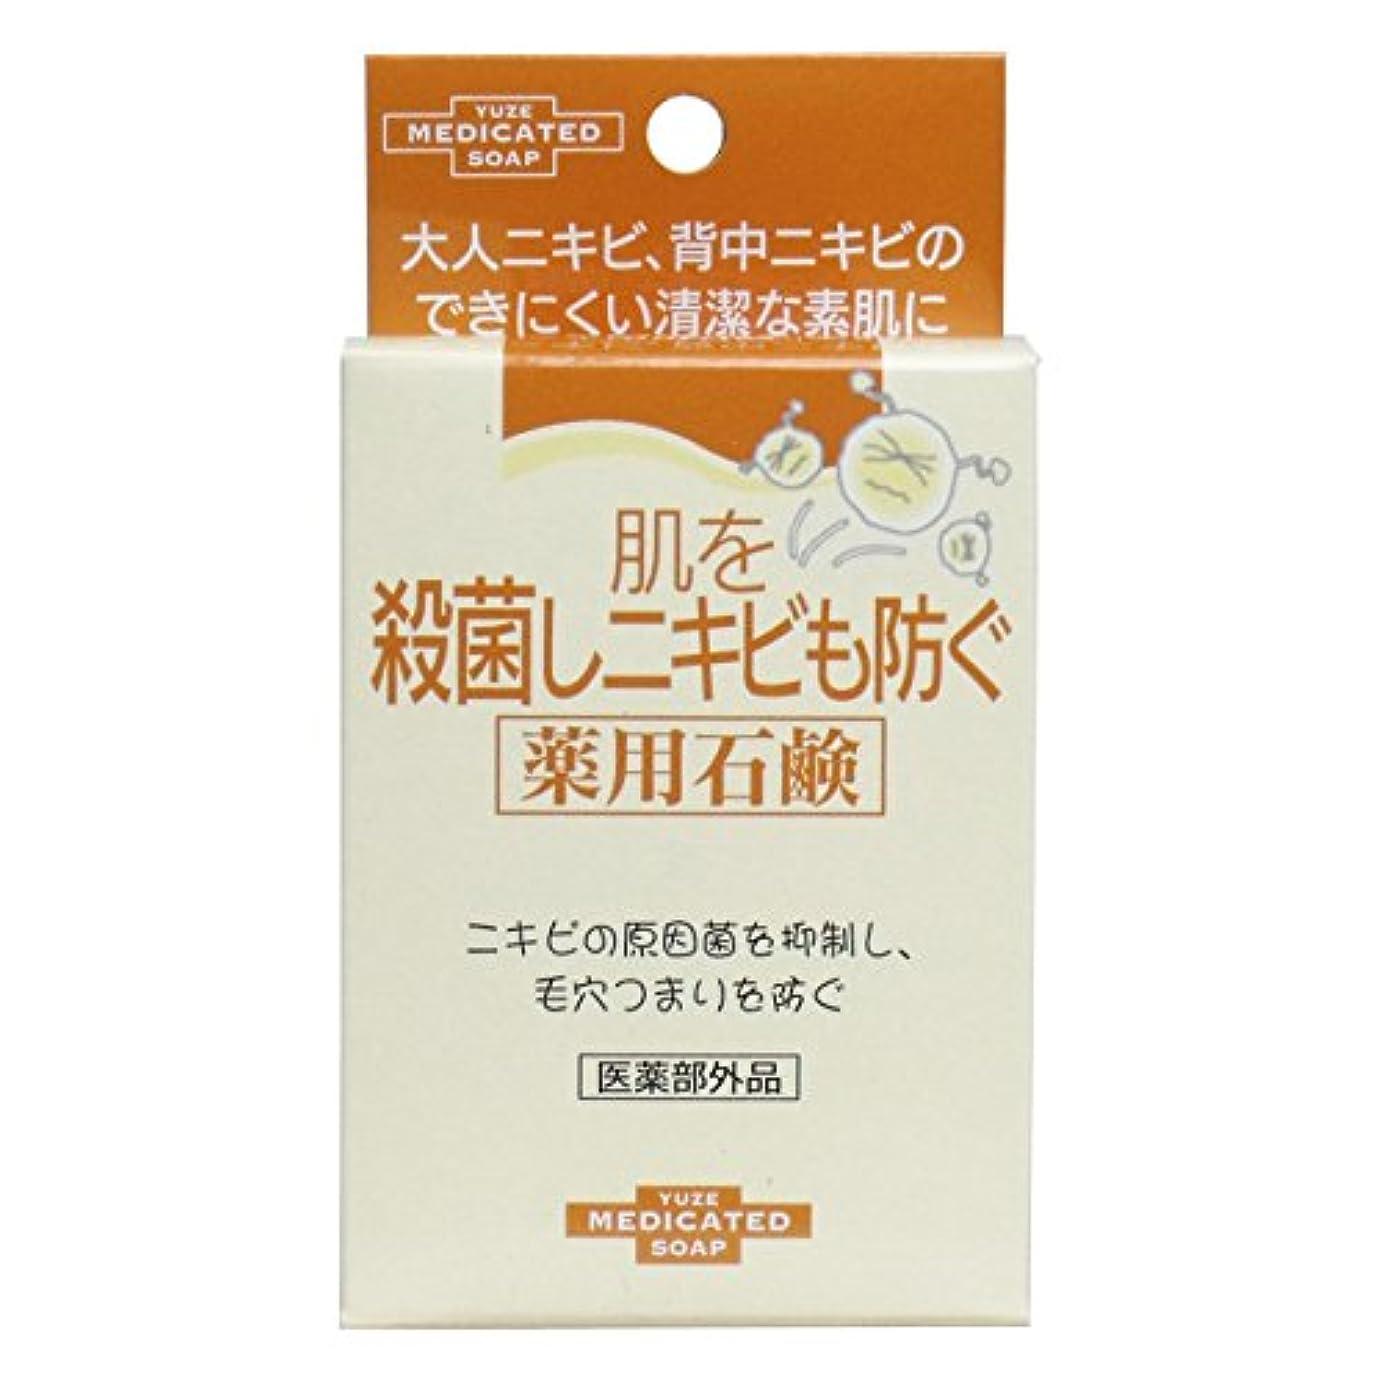 スケルトン換気する男やもめユゼ 肌を殺菌しニキビも防ぐ薬用石鹸 (110g)